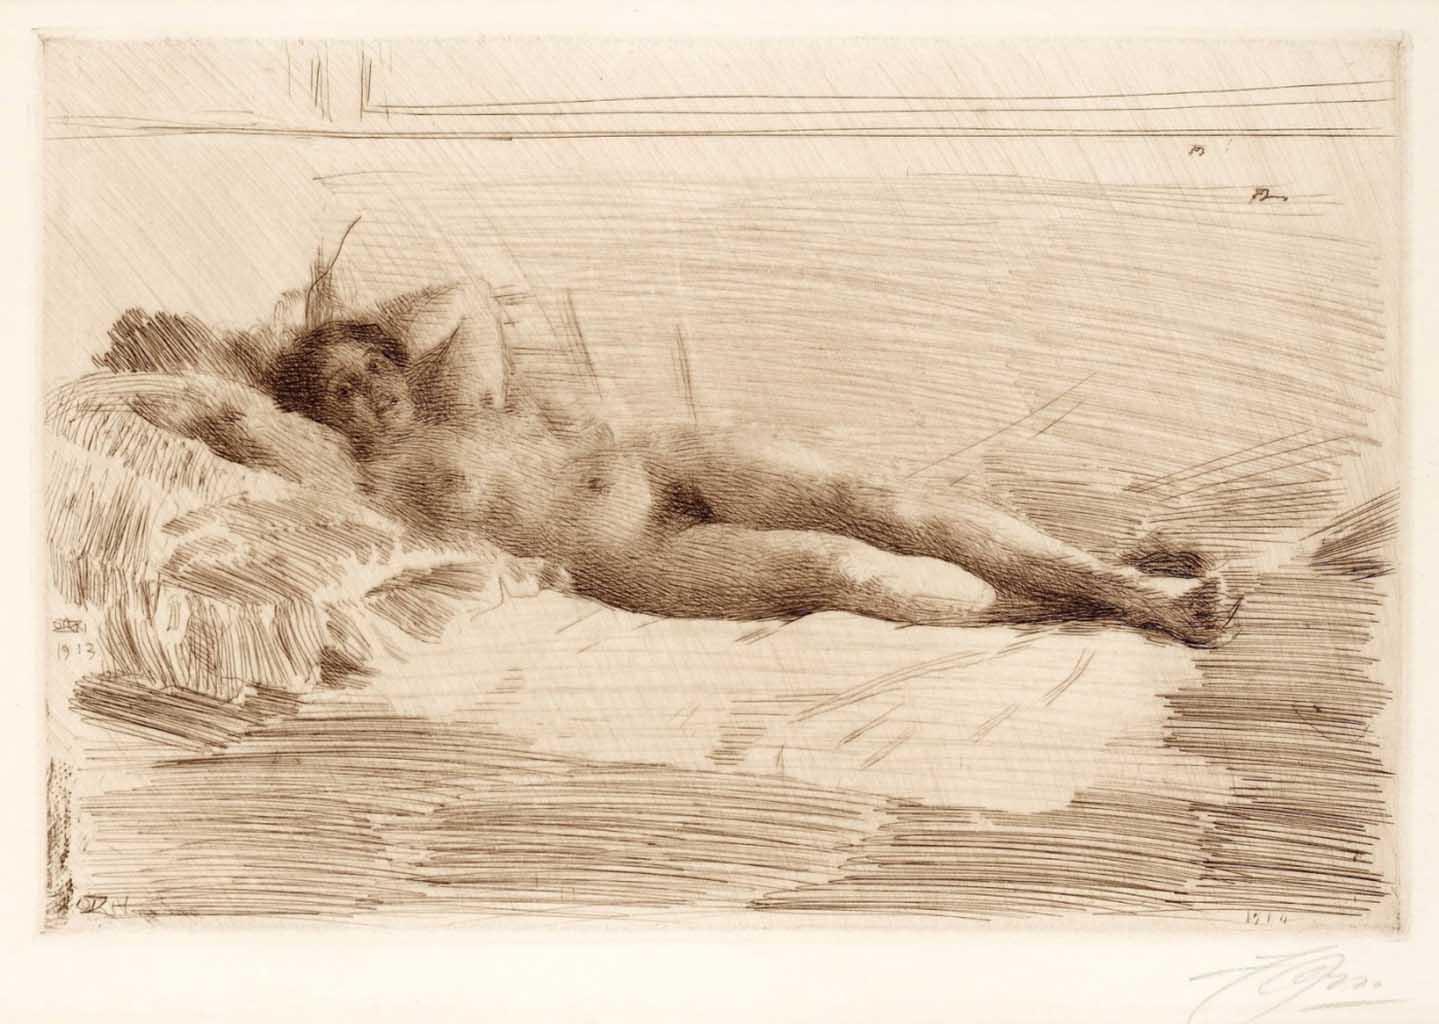 """Андерс Цорн (Anders Zorn), """"Элин"""" (Drawing)"""